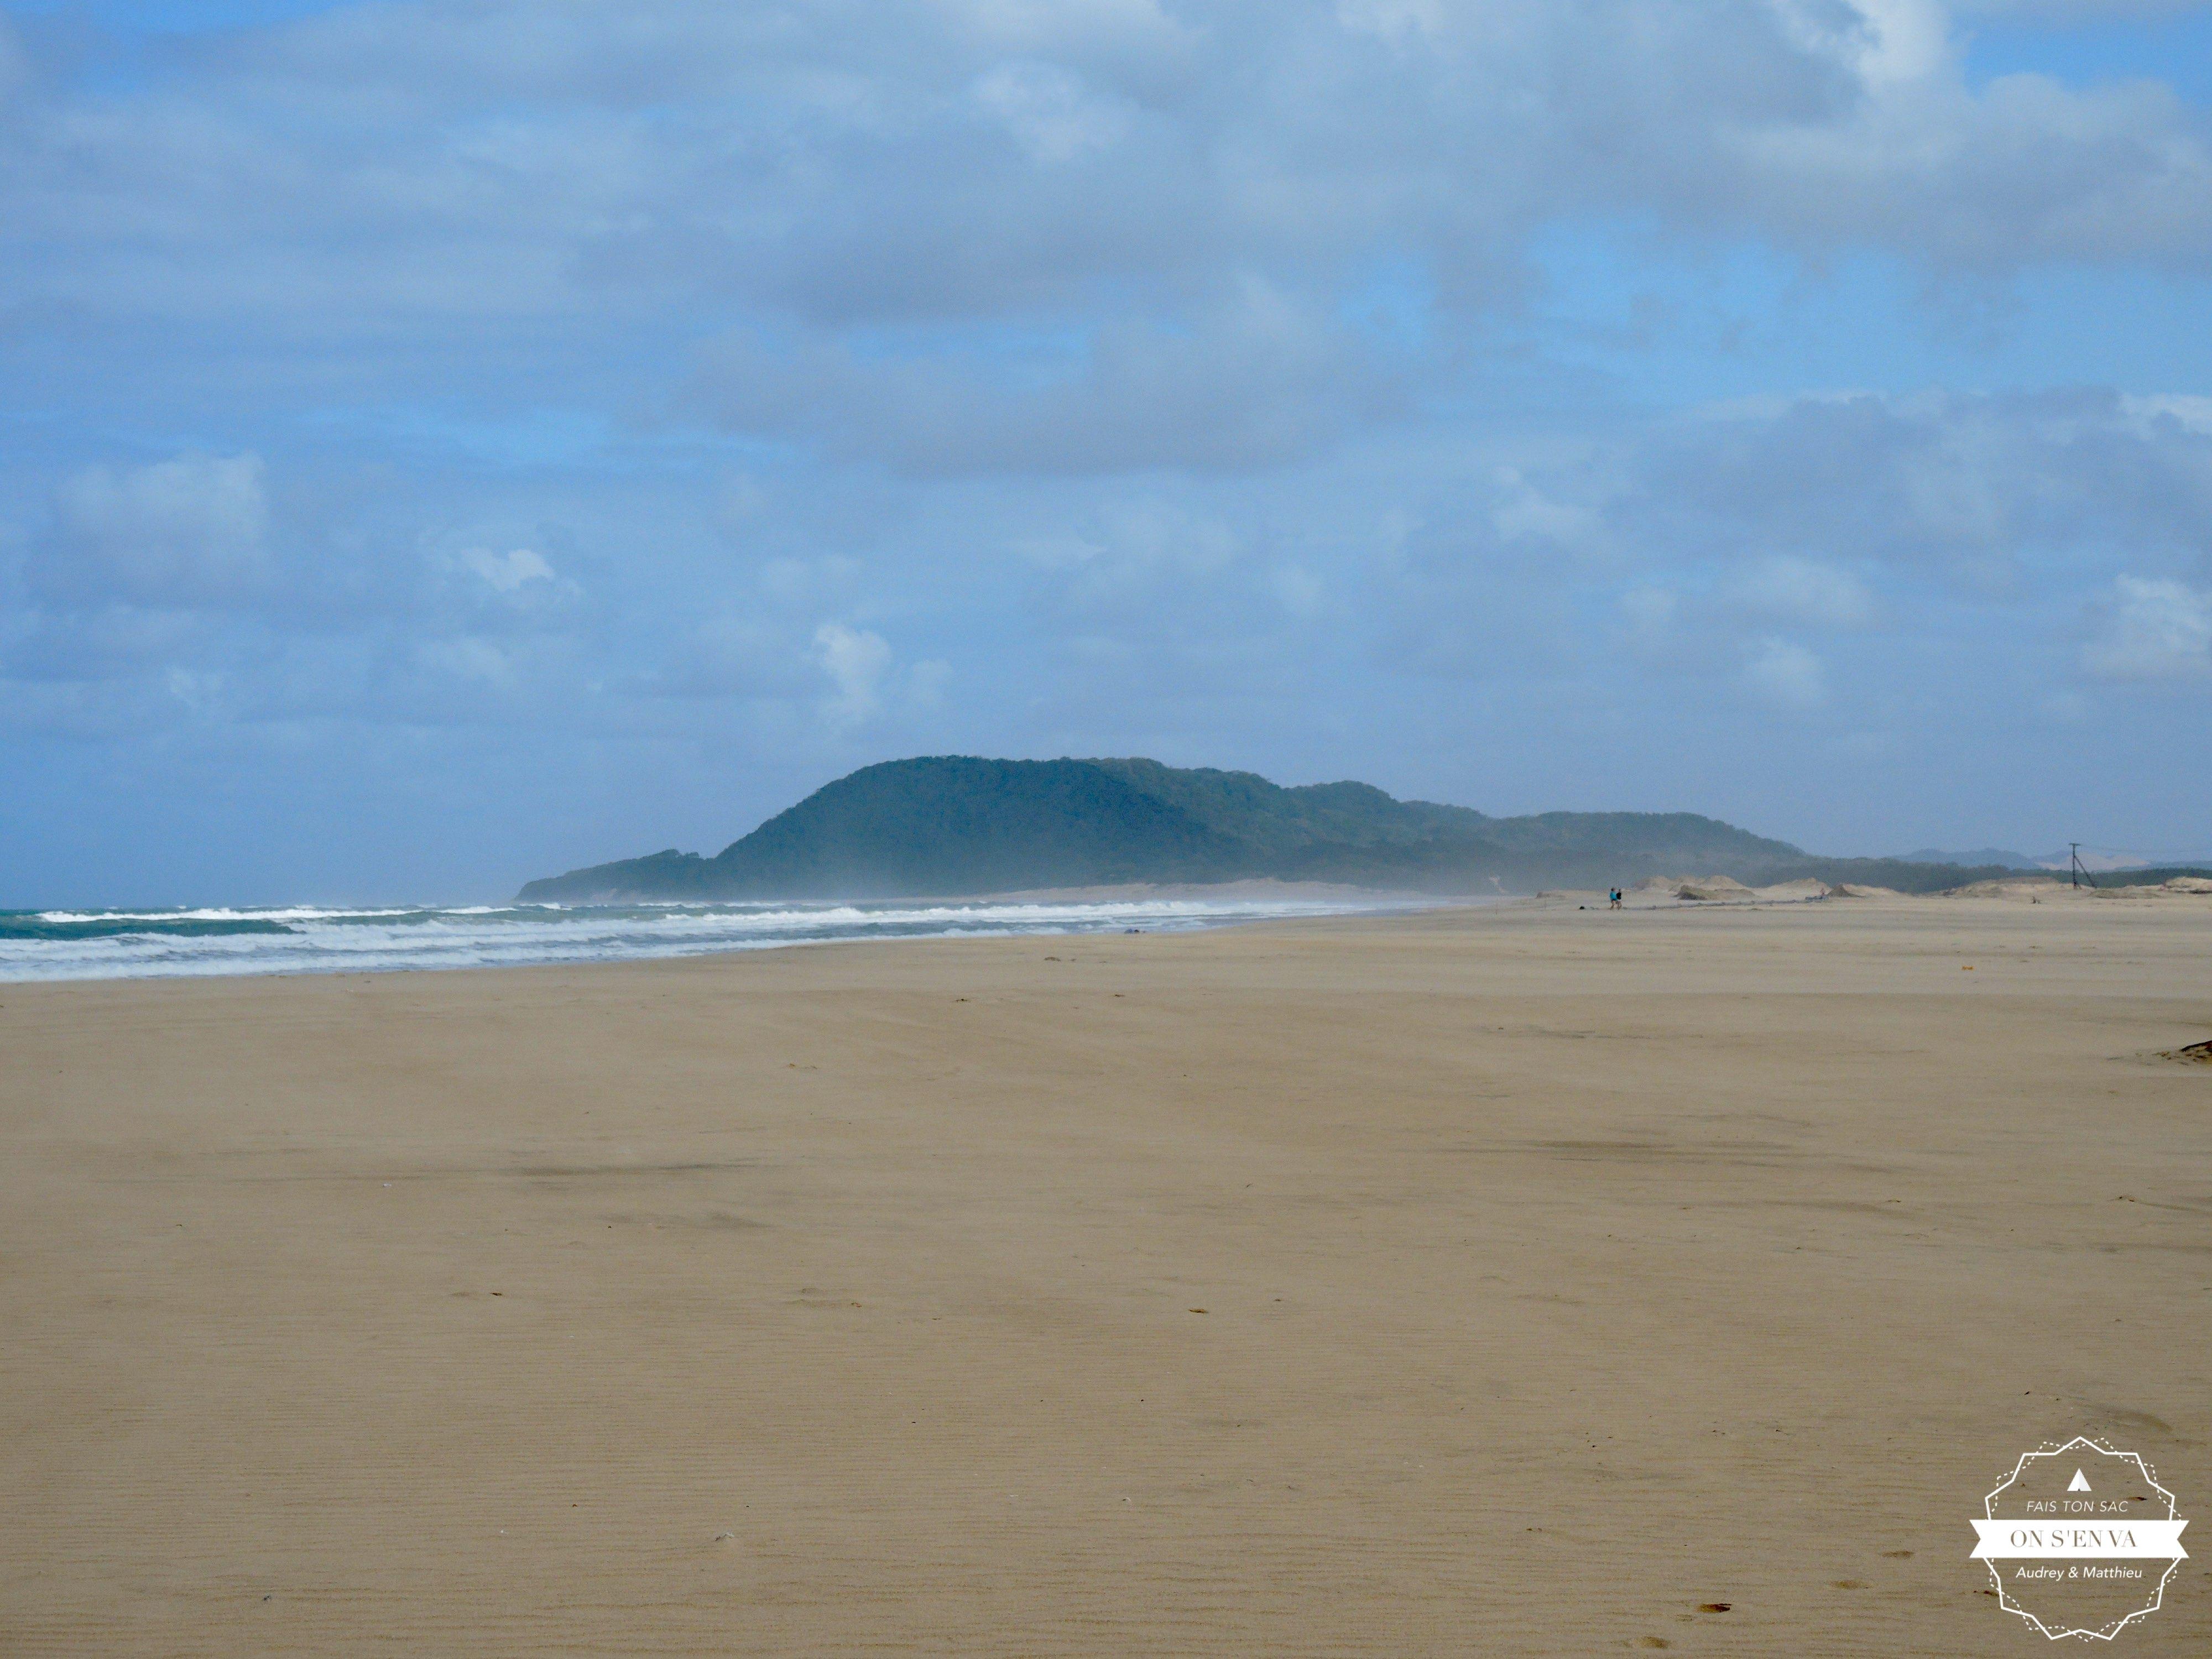 La plage juste derrière